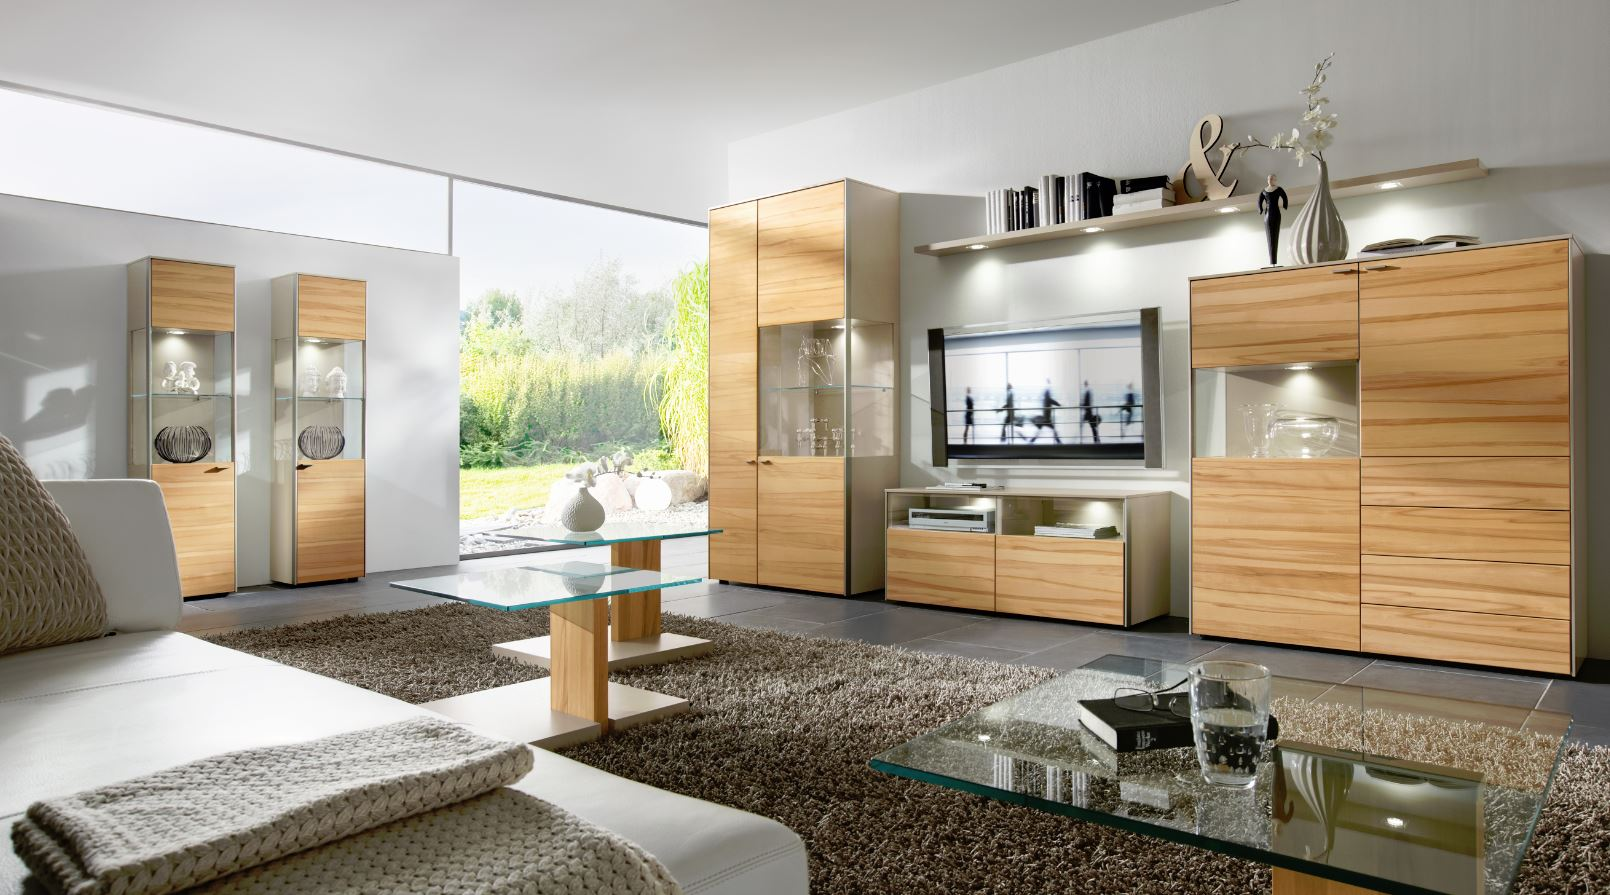 wohnzimmer wohnzimmer nach hersteller g nstig kaufen m bel universum. Black Bedroom Furniture Sets. Home Design Ideas